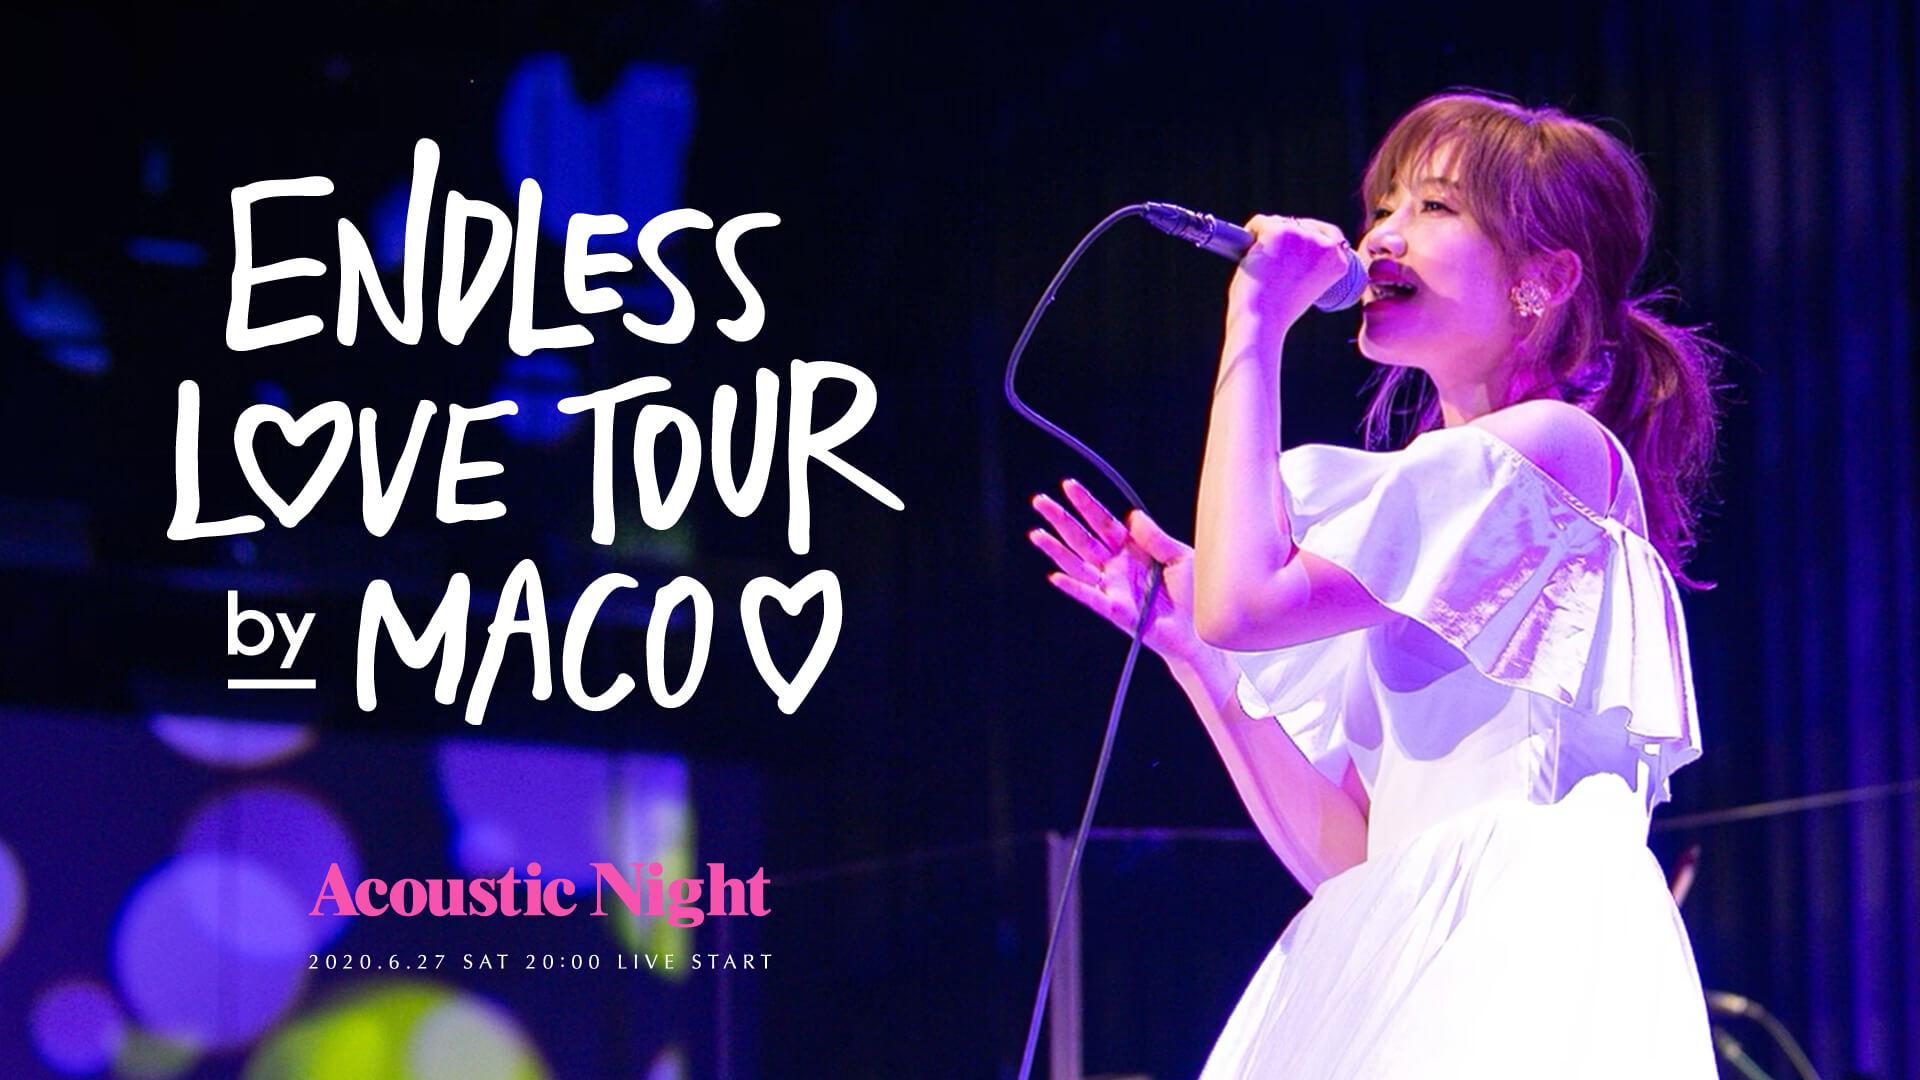 MACO、実際のライブの疑似体験をイメージしたオンラインライブツアー「Endless Love Tour」の開催を発表